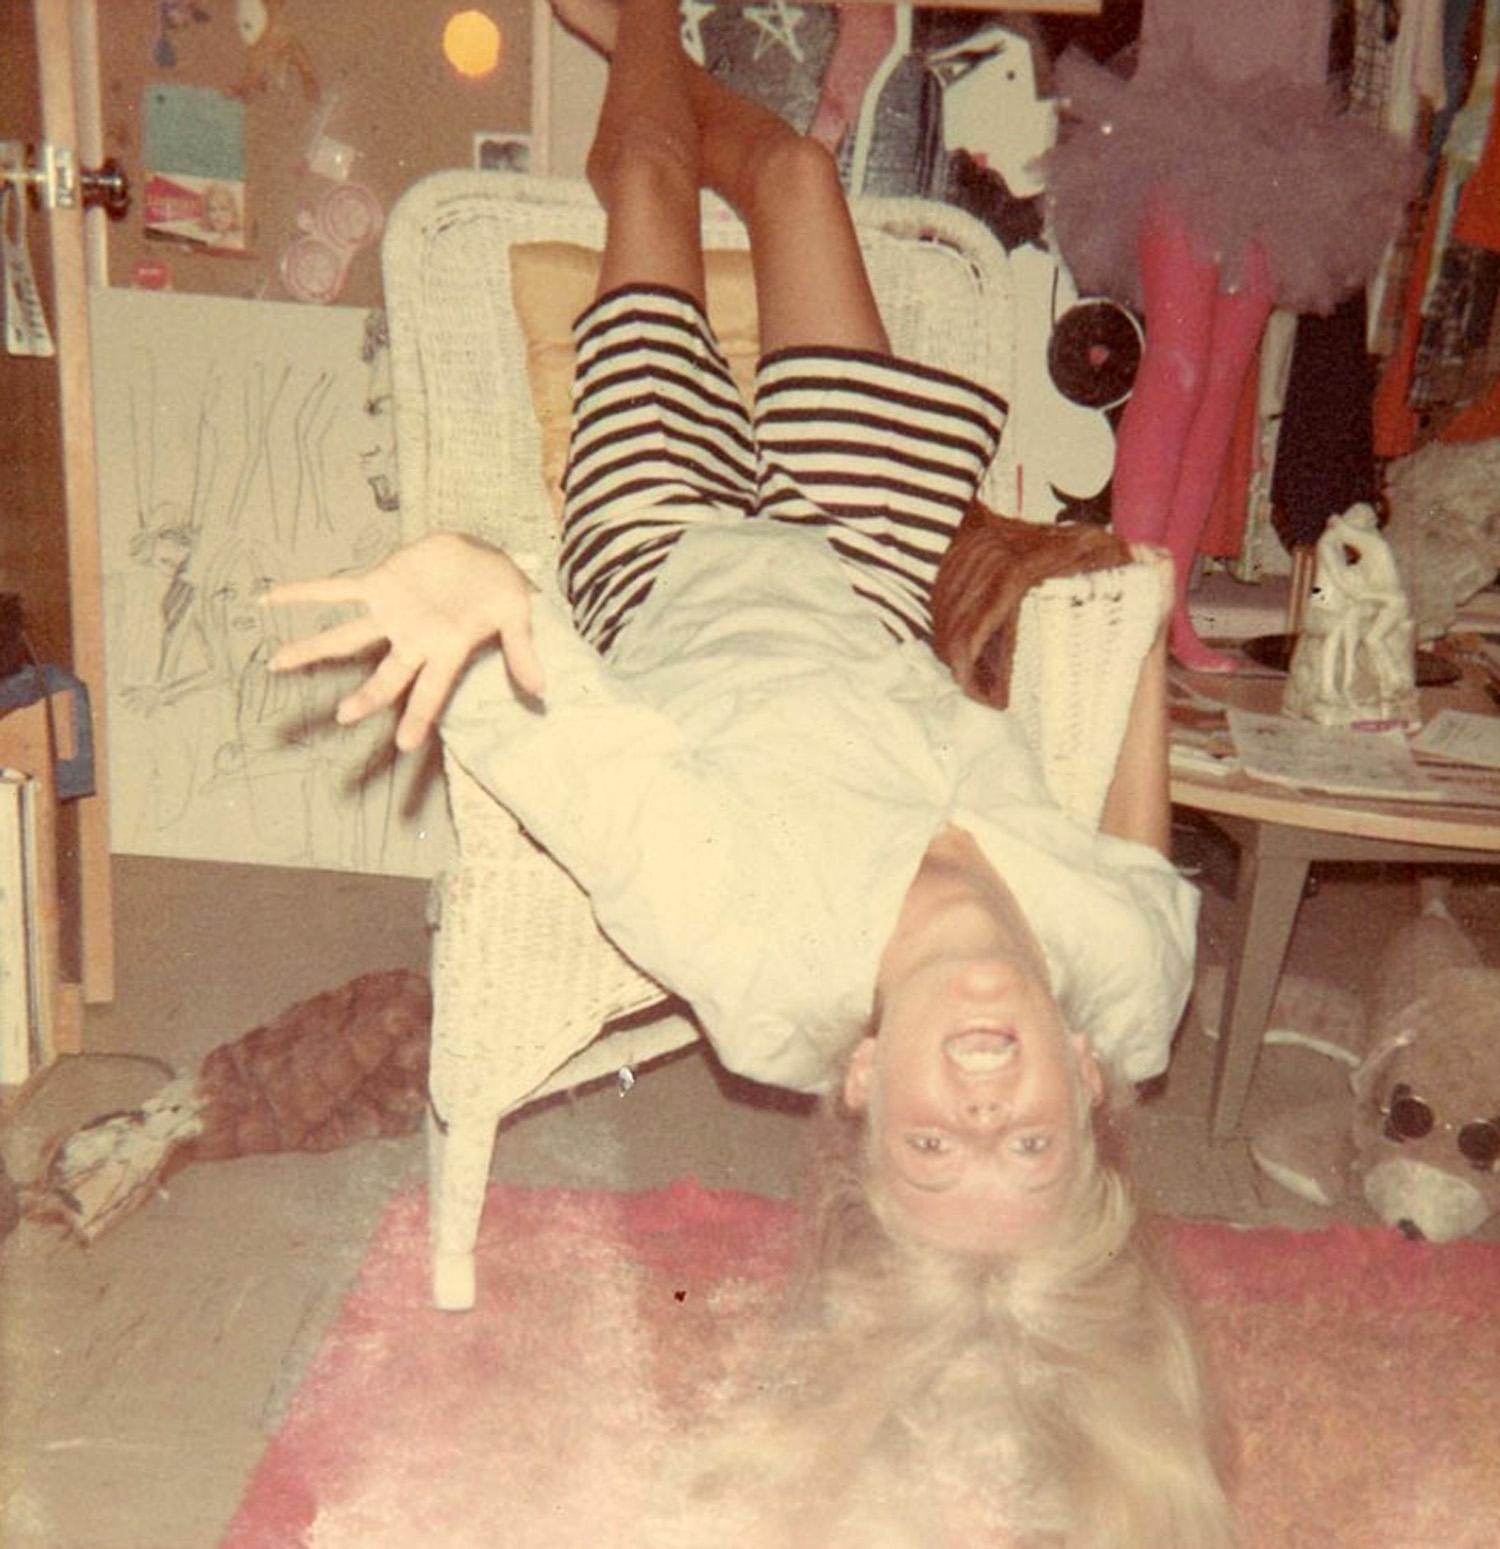 Carla in her childhood bedroom.